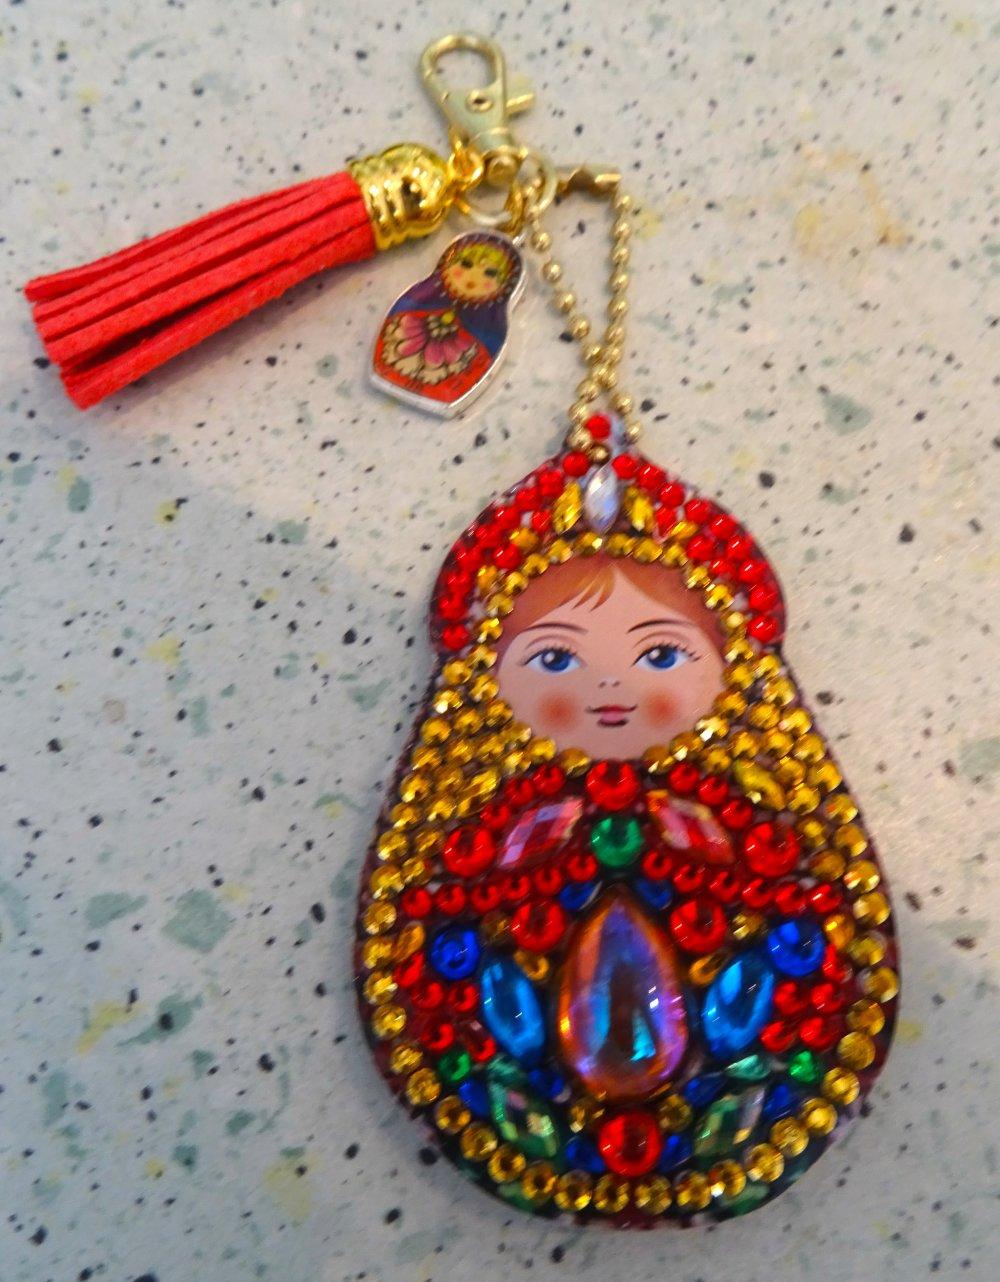 bijou de sac , Matriochka, broderie diamant 2